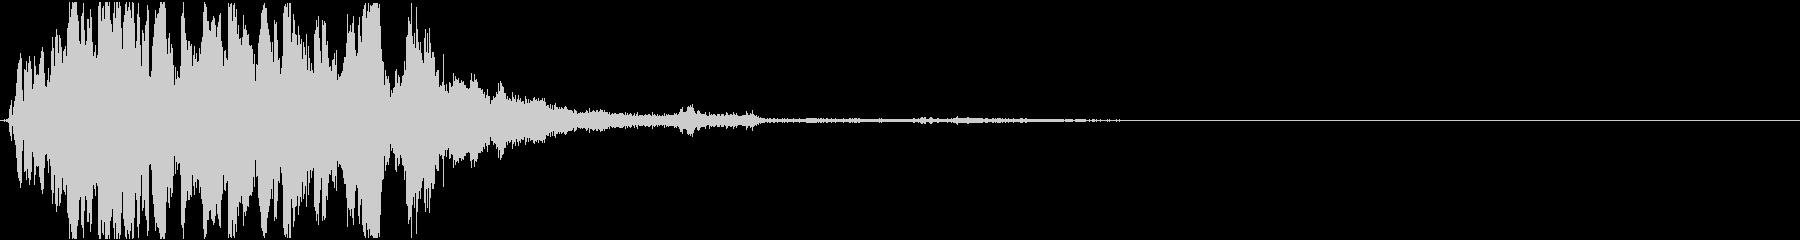 ロボット・機械・起動音・近未来dの未再生の波形